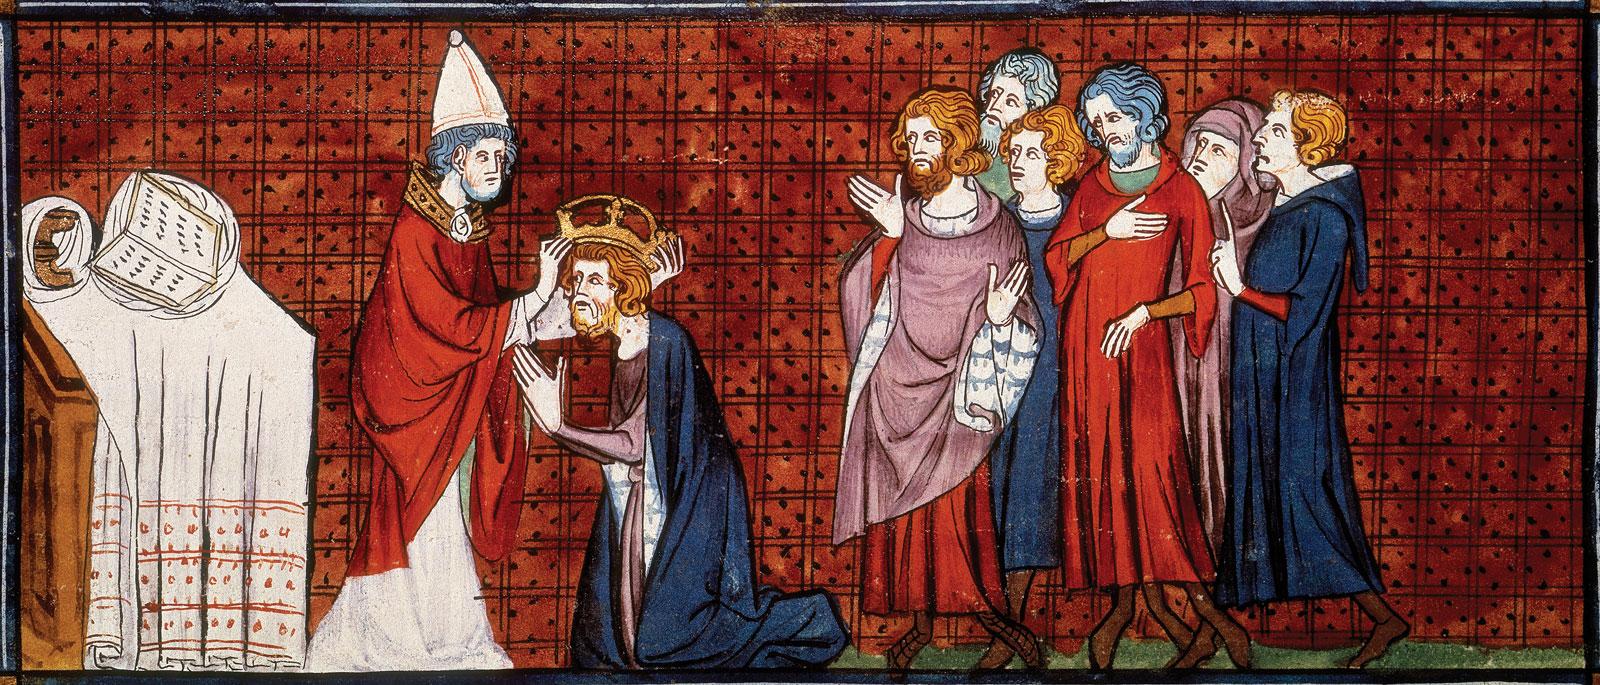 上图:描述主后800年罗马教宗利奥三世把法兰克王查理加冕为神圣罗马帝国皇帝的14世纪法国壁画。